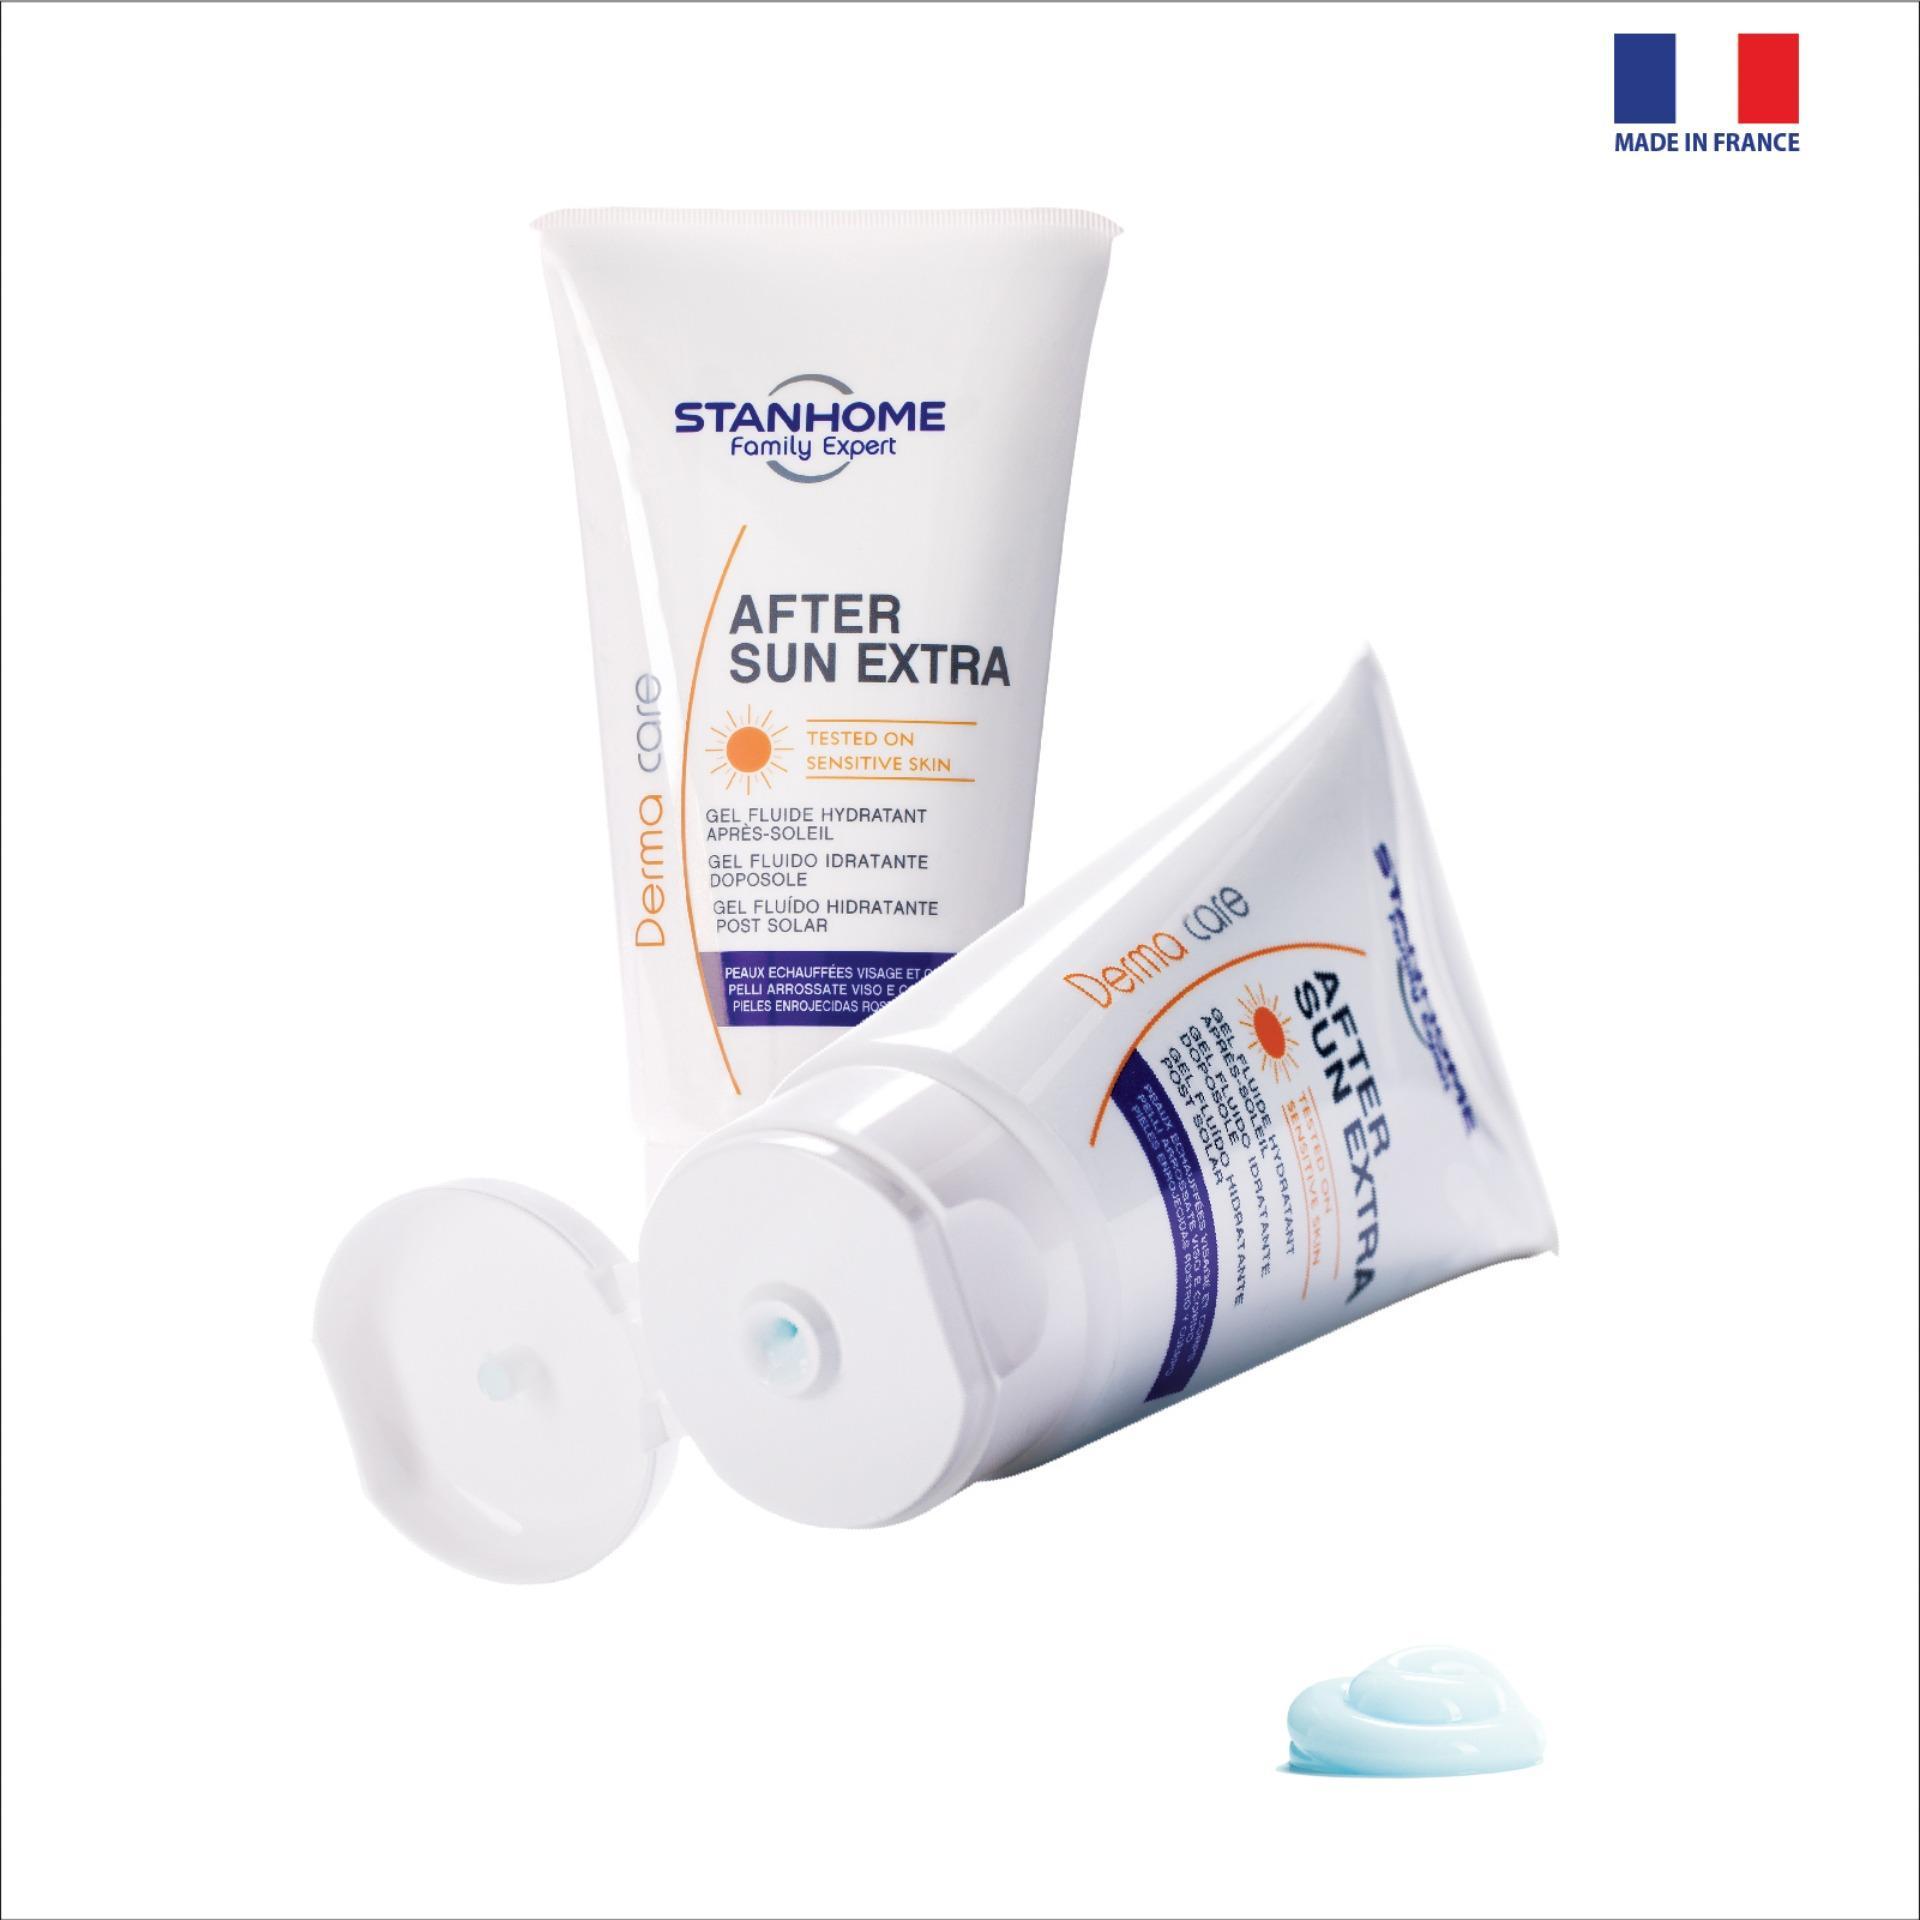 After sun extra 150ml - Kem dưỡng phục hồi sau khi ra nắng giúp nhả nắng trẻ hóa làn da stanhome